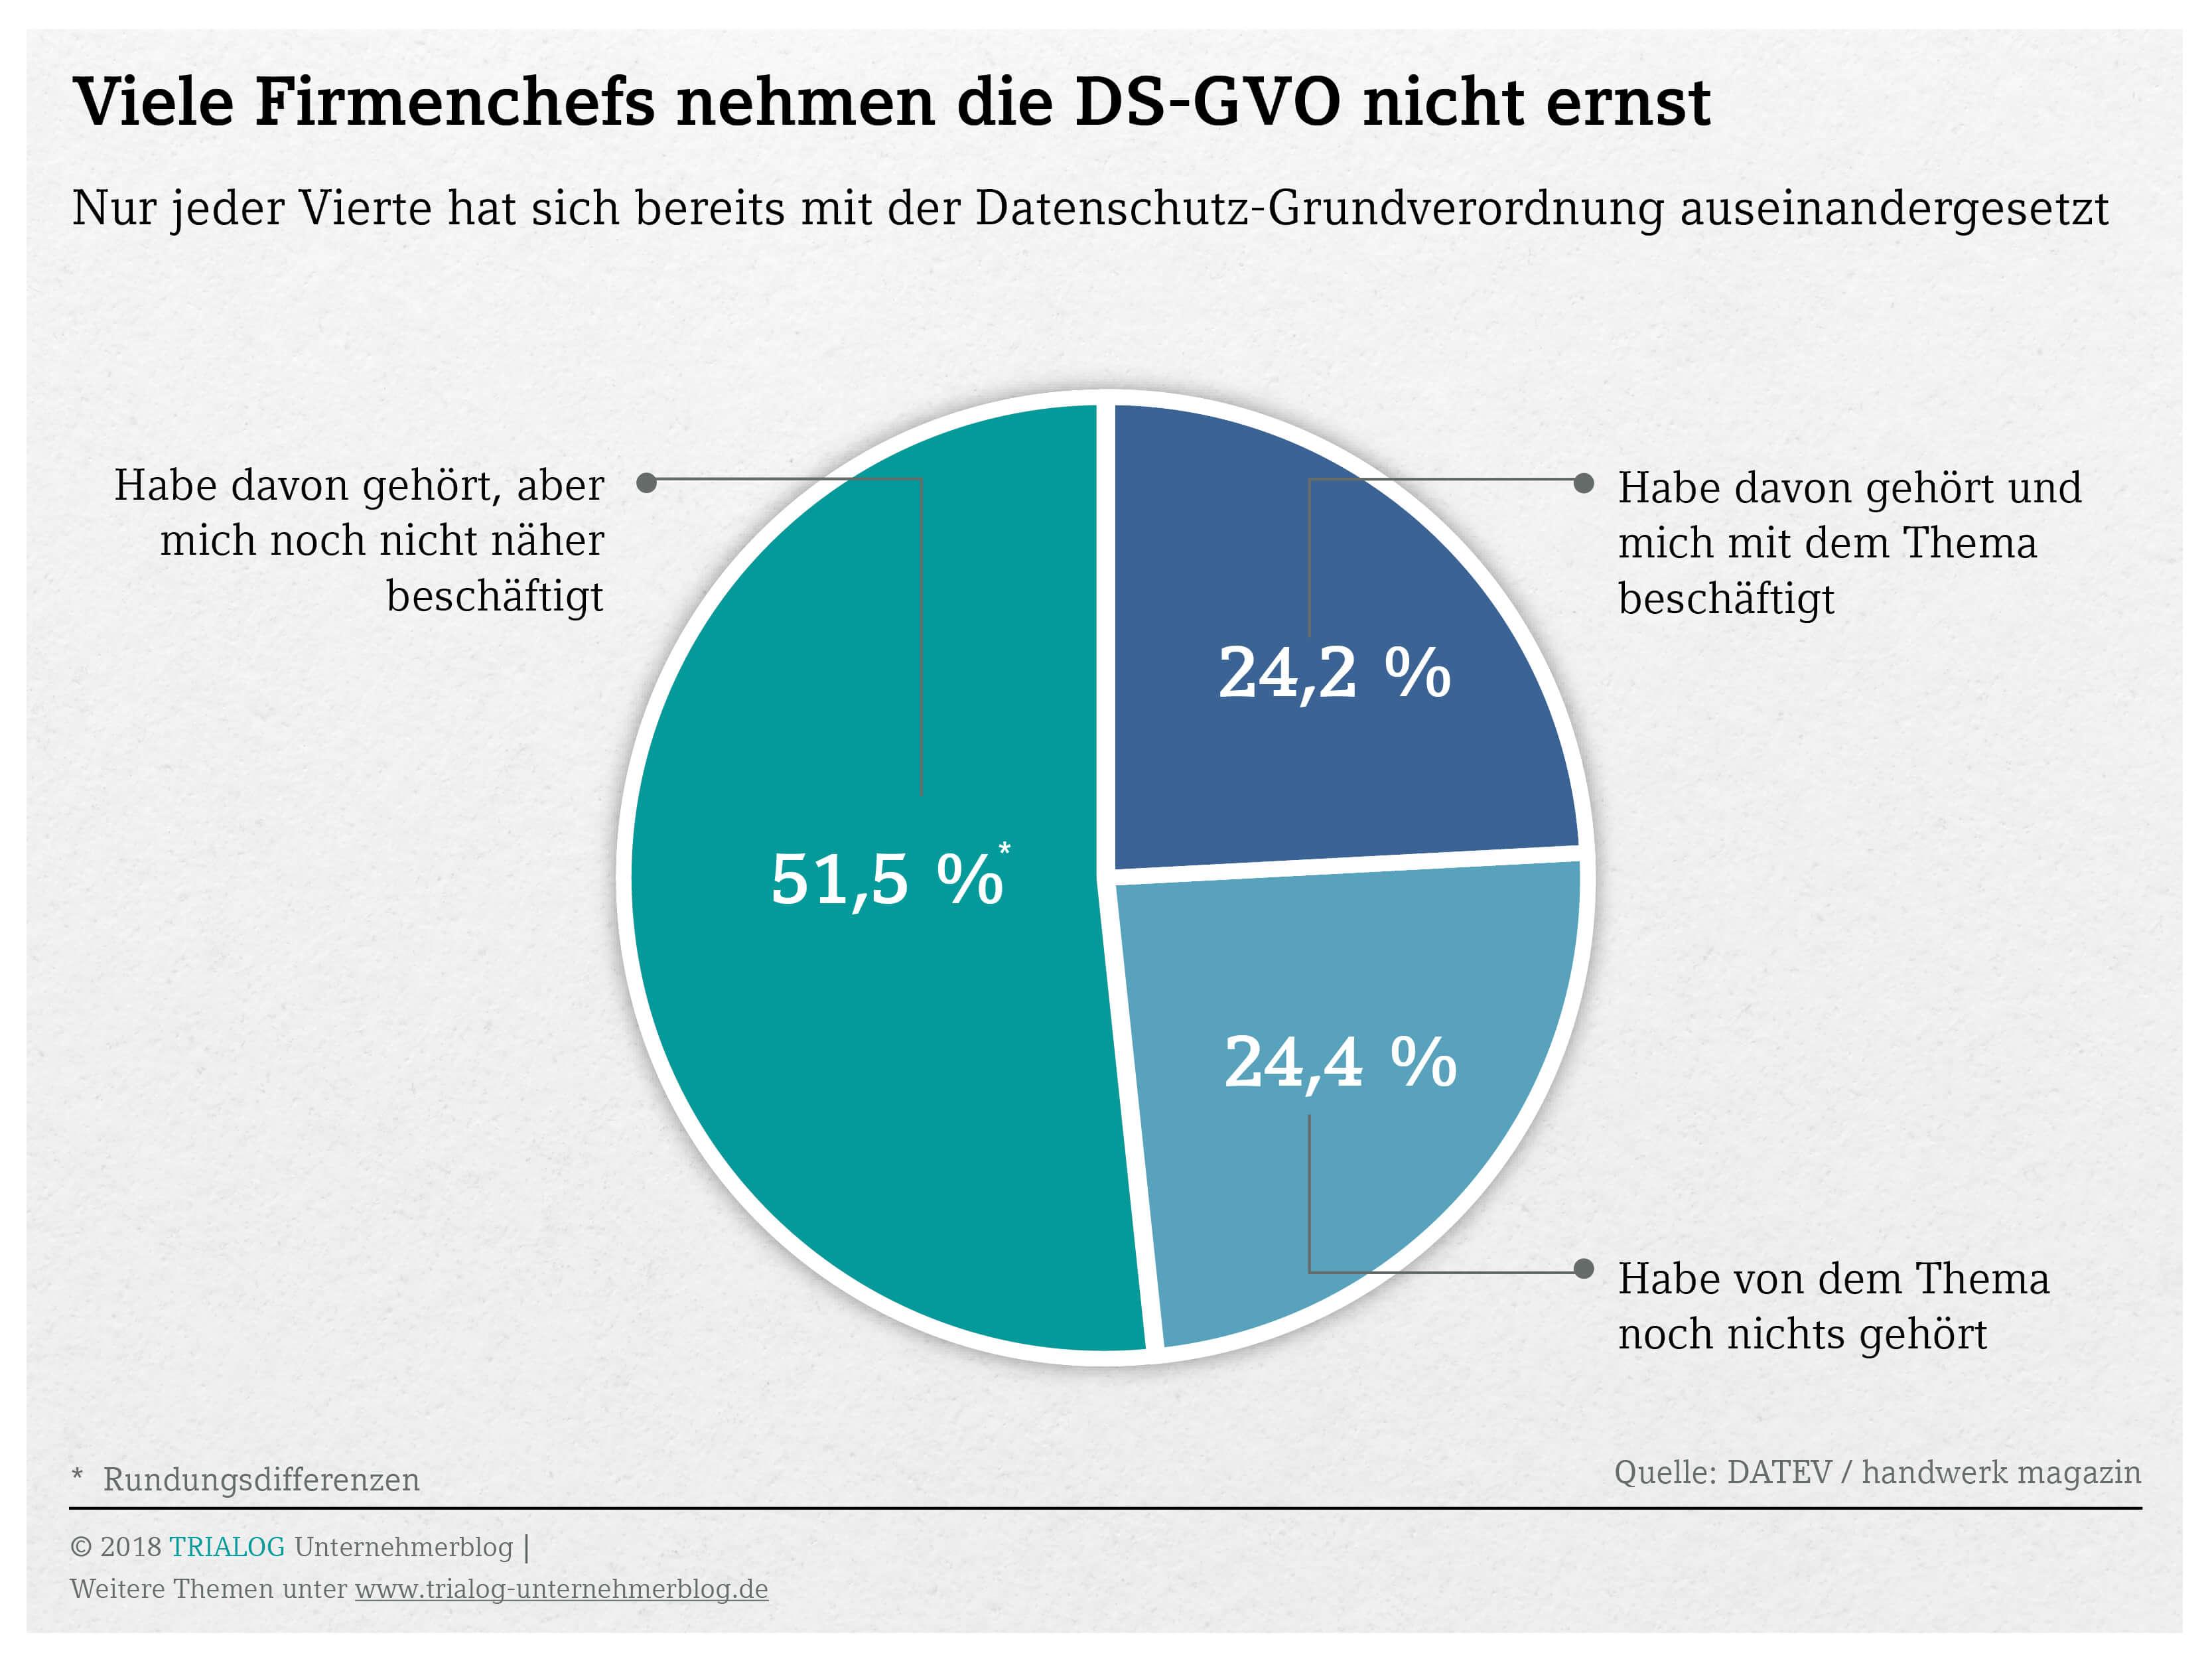 Tortendiagramm ein Viertel der Handwerksunternehmer hat nioch nie von der DSGVO gehört